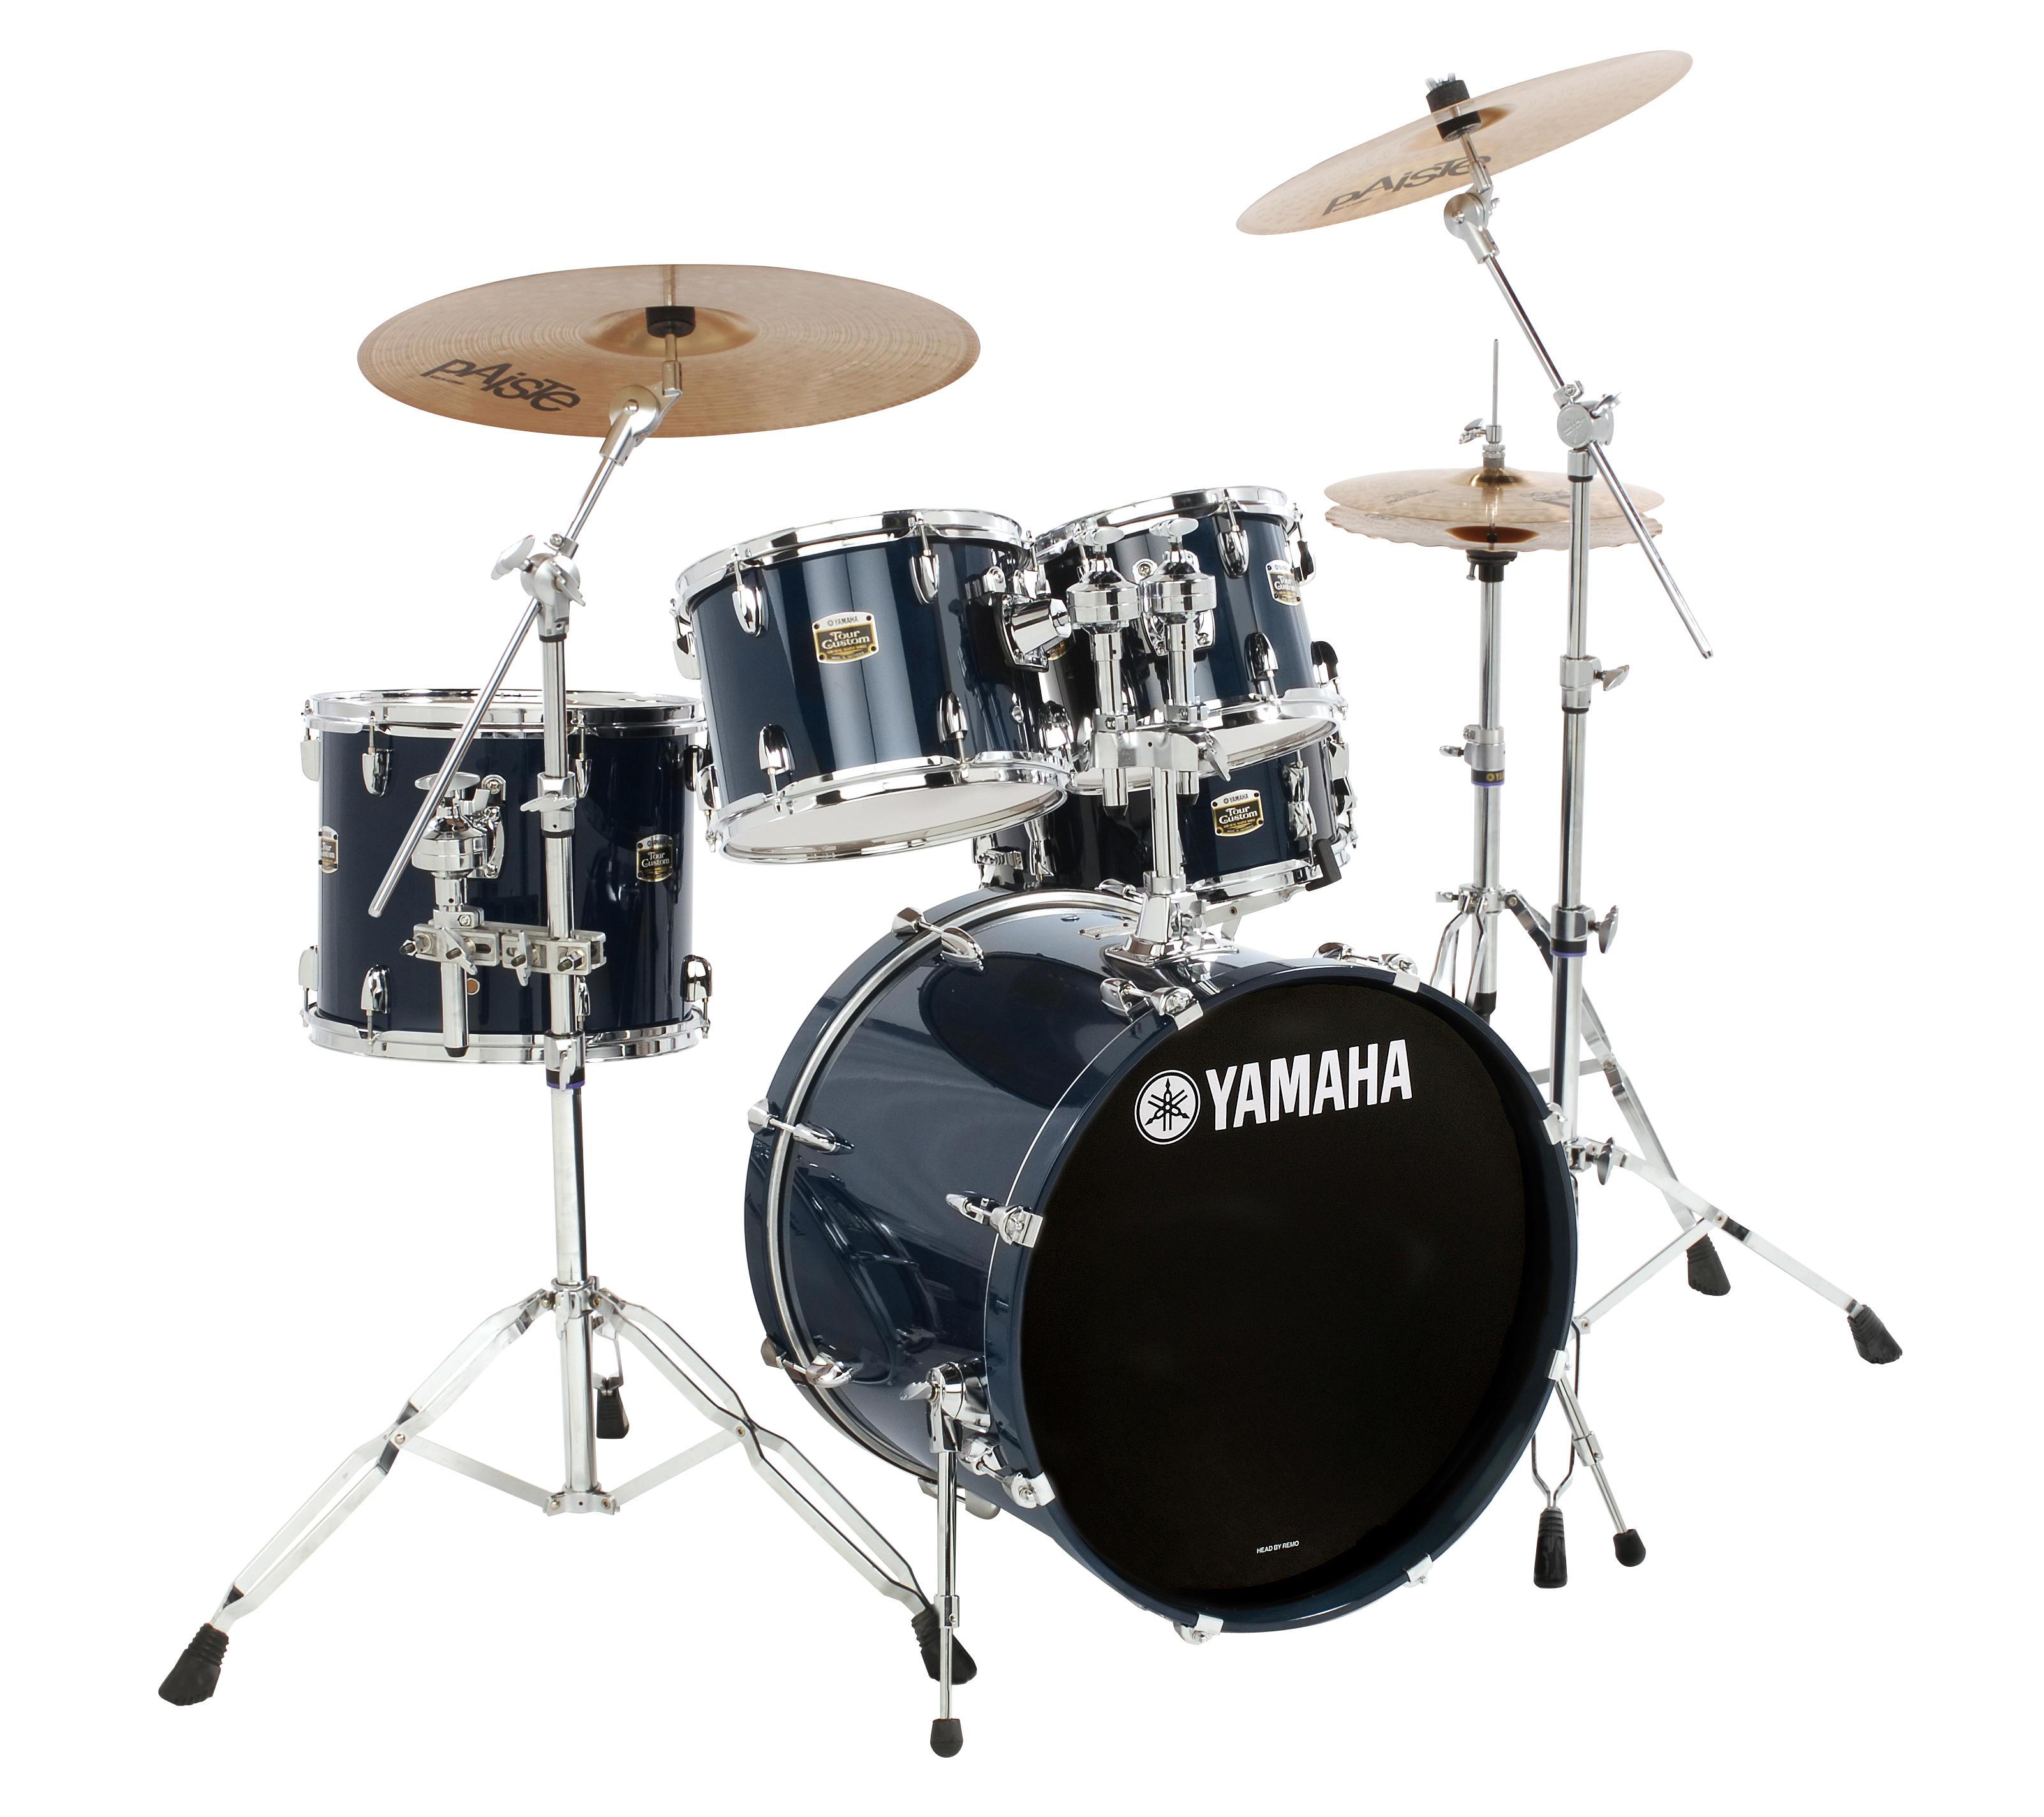 Djewell Yamaha